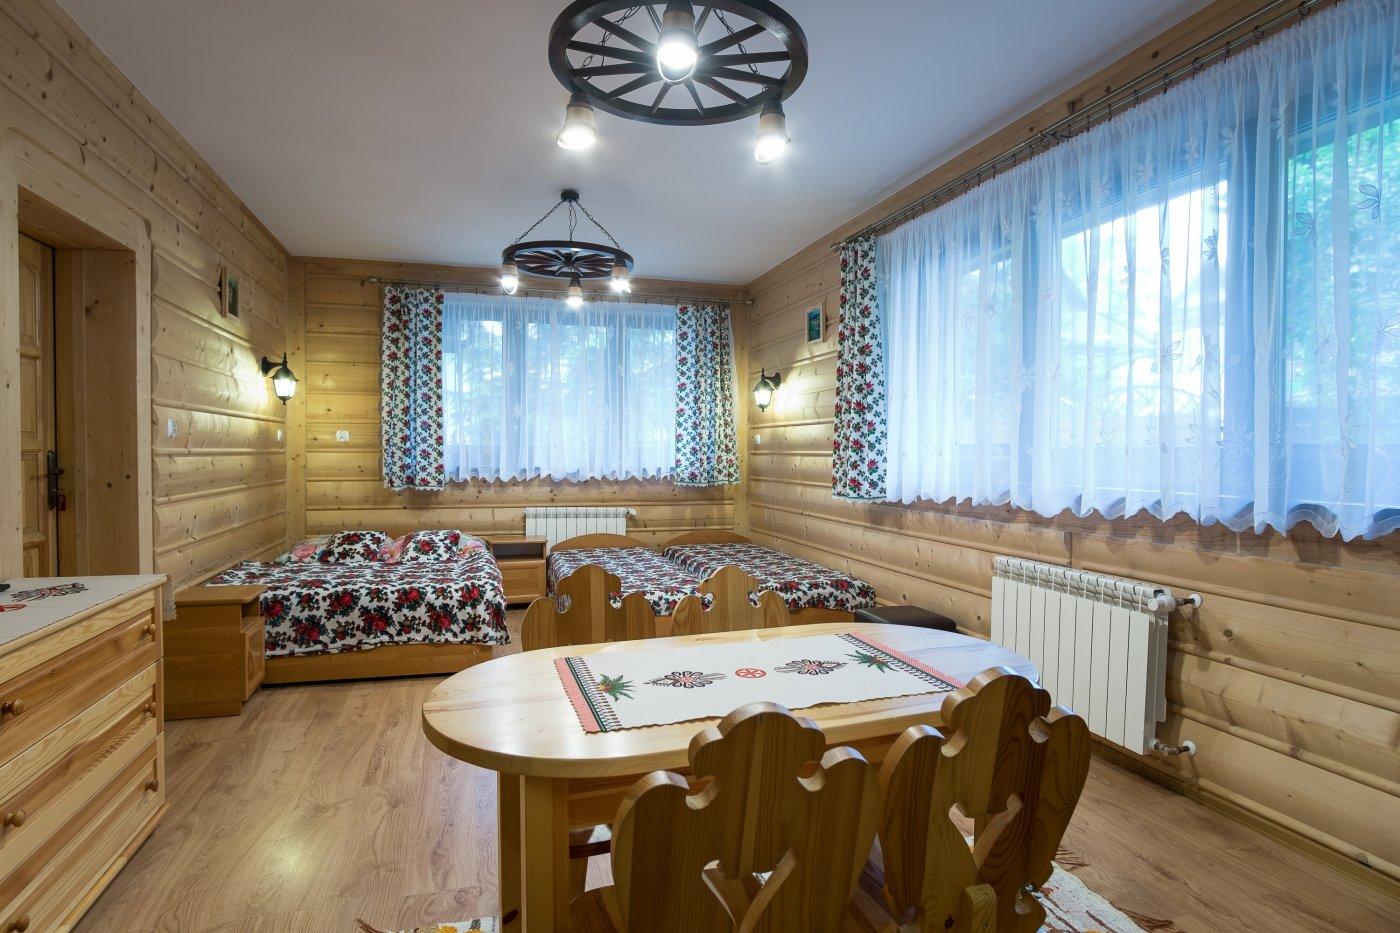 P.7 Regionalny łazienka,tv,lodowka,czajnik,parter,aneks w korytarzu na 2 pok.